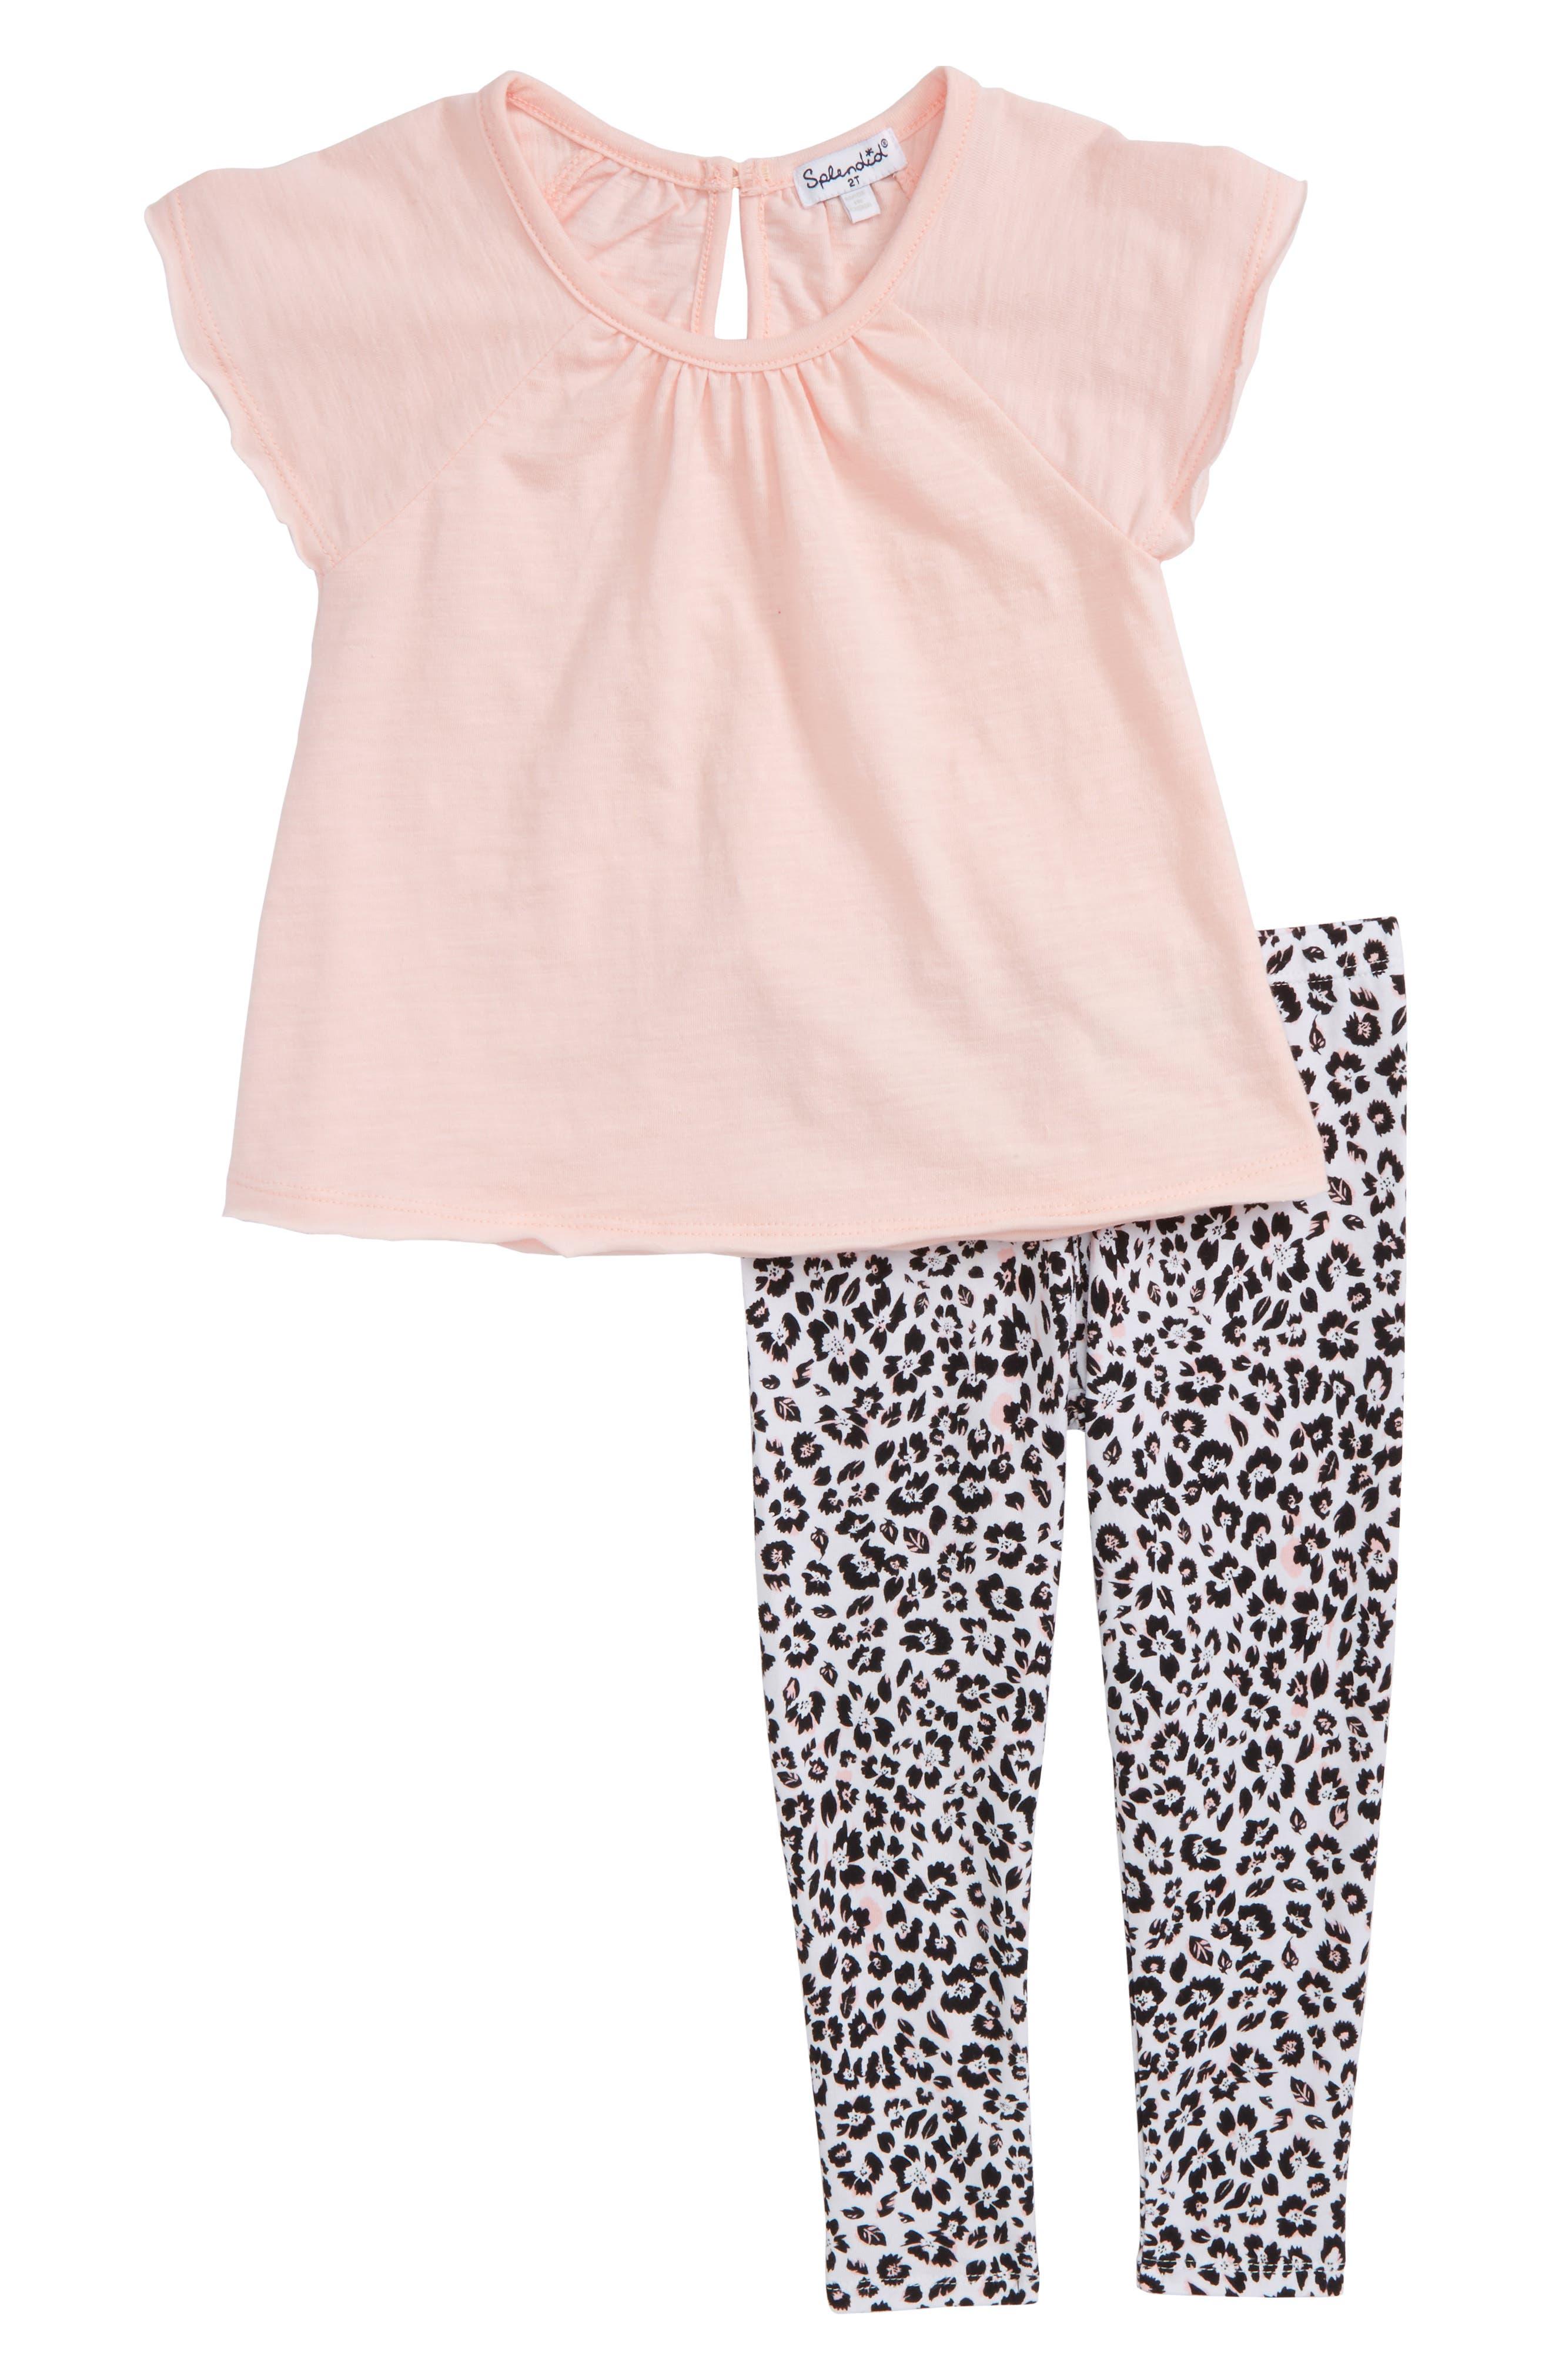 Swing Top & Floral Print Leggings Set,                         Main,                         color, Seafoam Pink